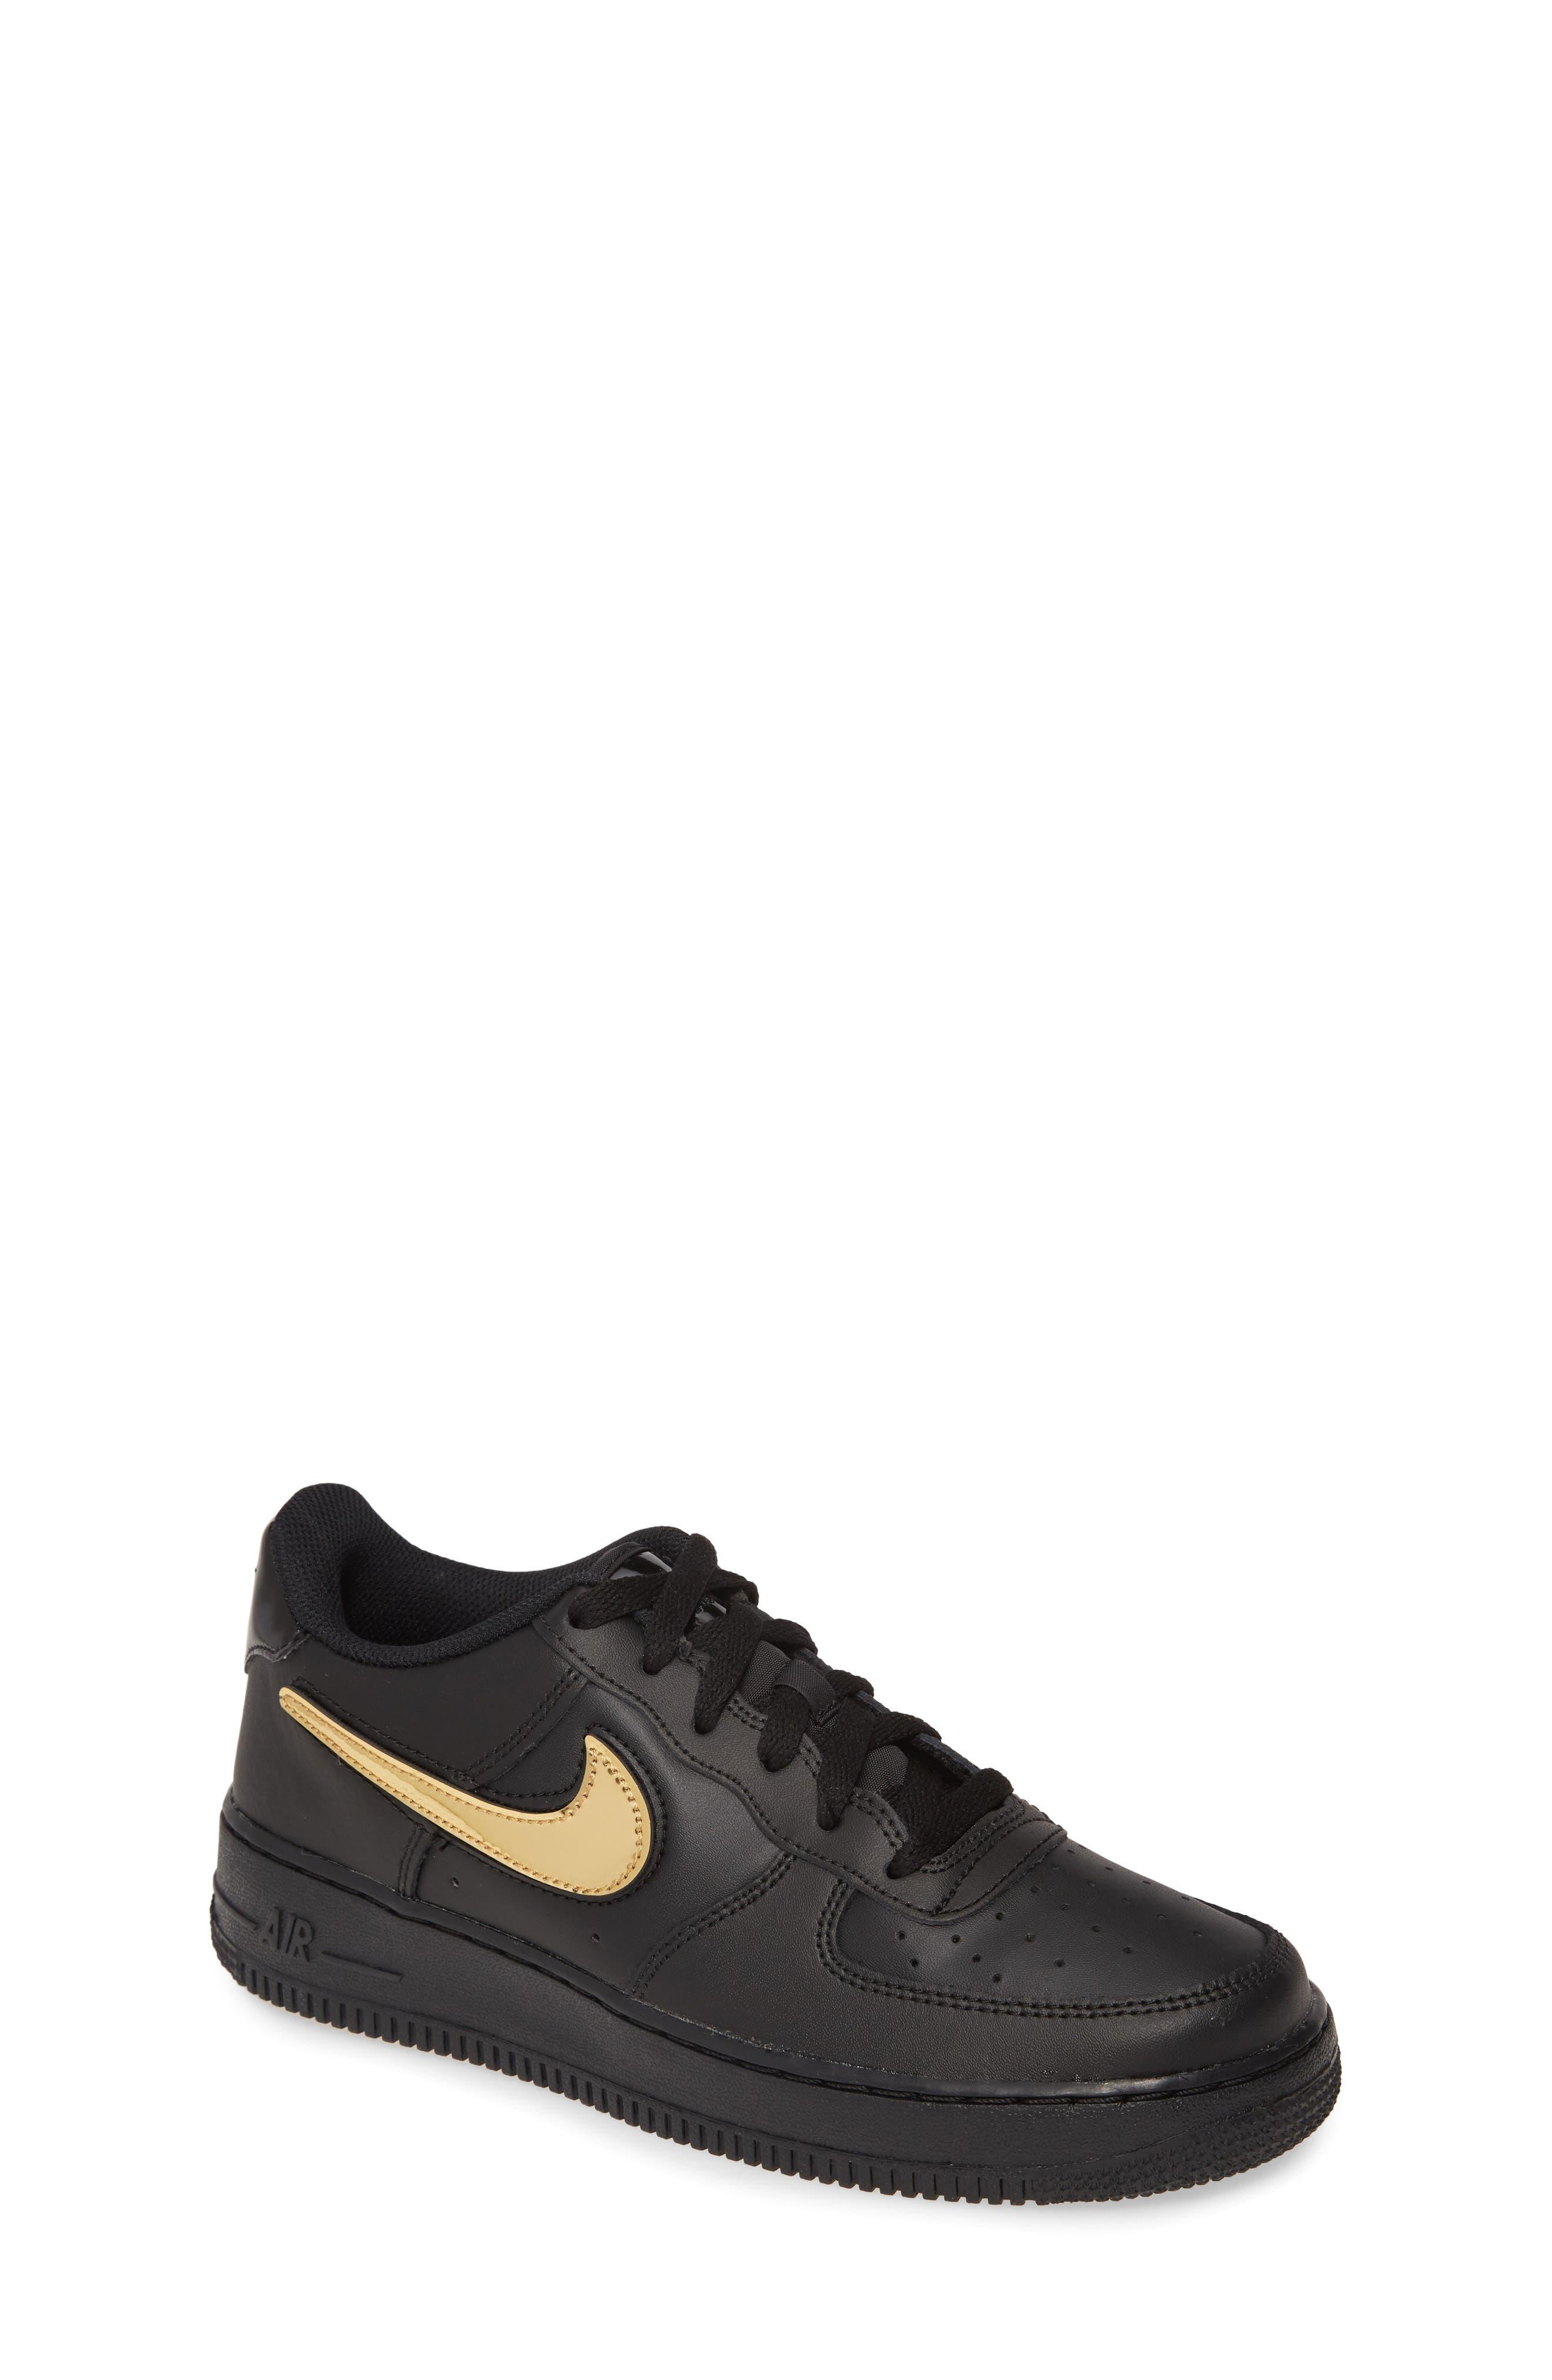 Air Max Stefan Janoski 2 Rose Gold & White Gum Womens Shoes